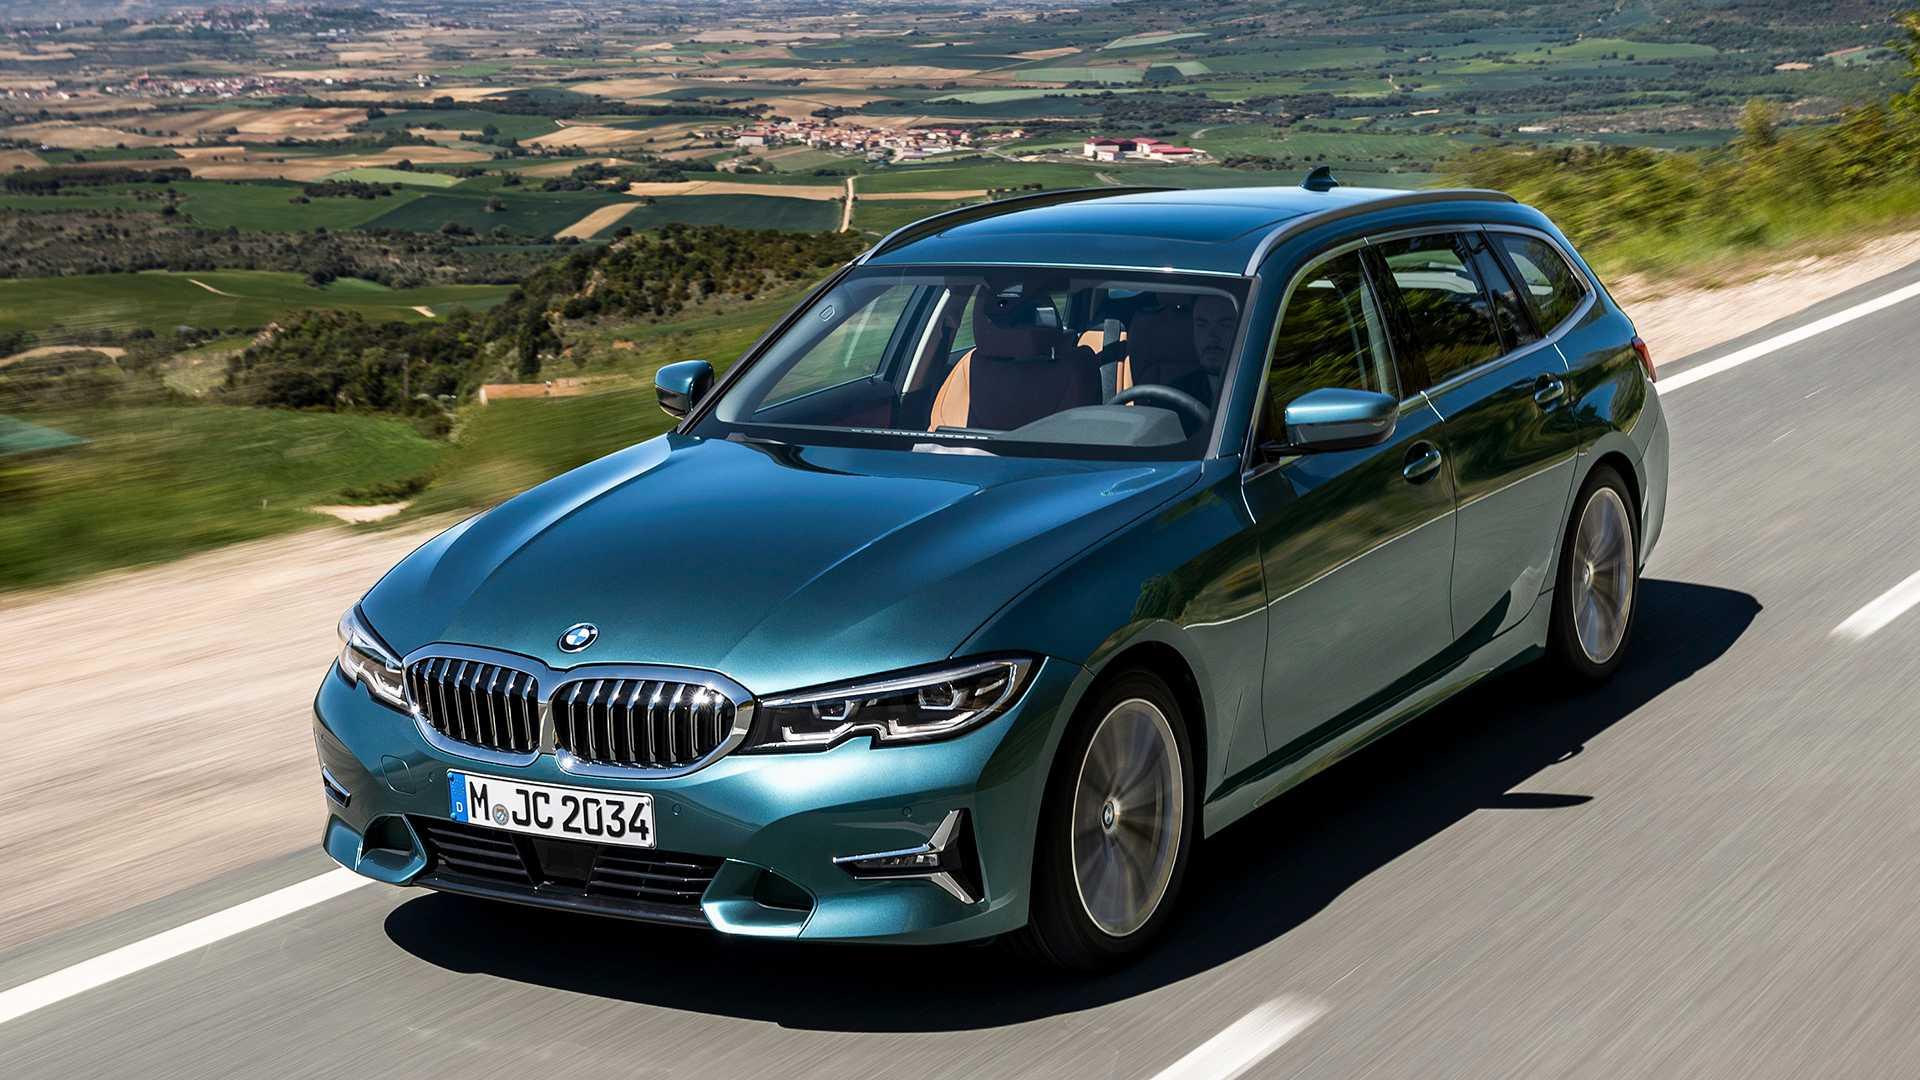 На одном из немецких сайтов появились официальные фотографии нового BMW 3-Series в кузове универсал